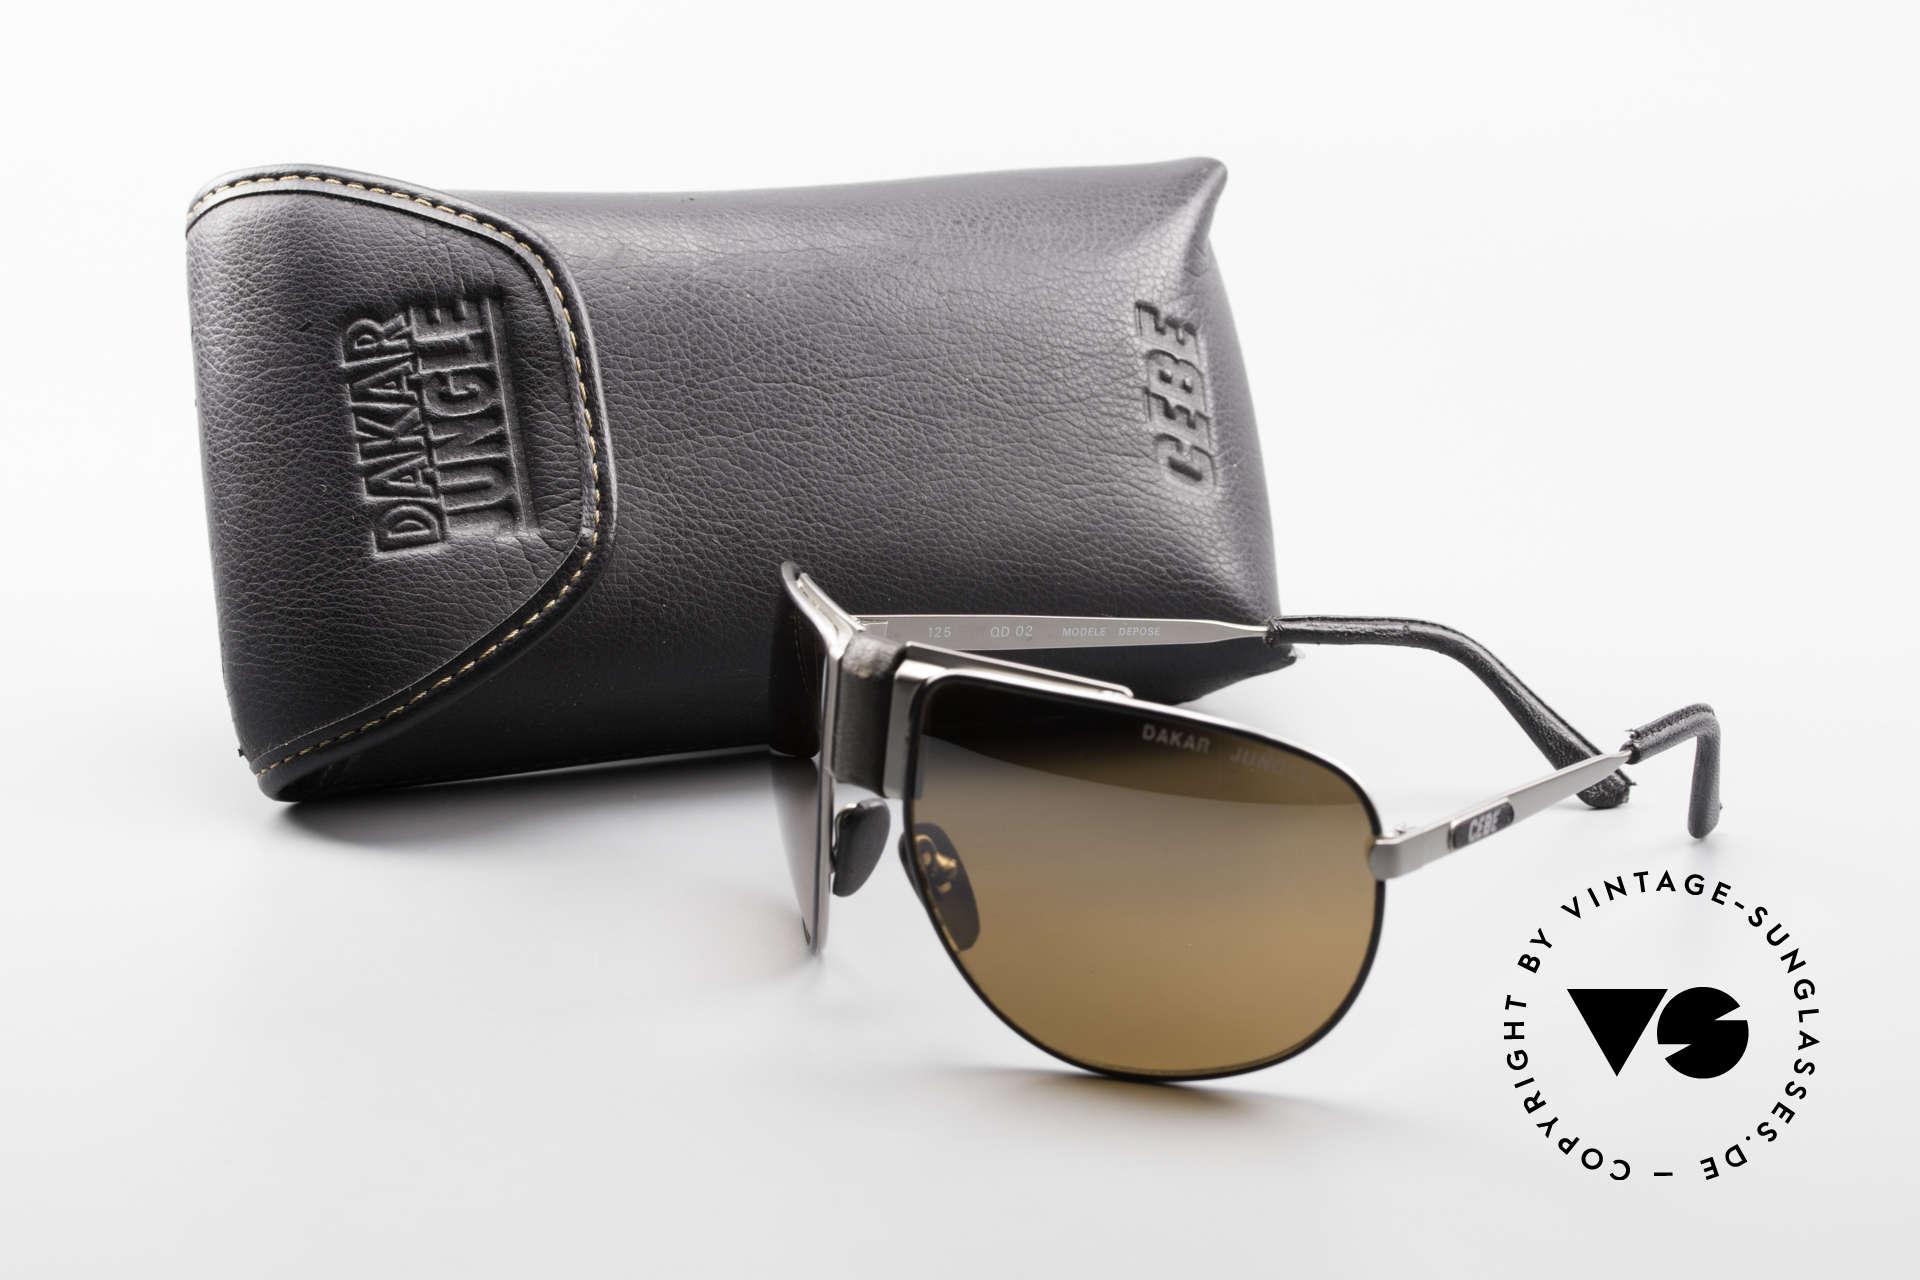 Cebe Dakar Jungle QD02 High-Tech Renn Sonnenbrille, Größe: small, Passend für Herren und Damen